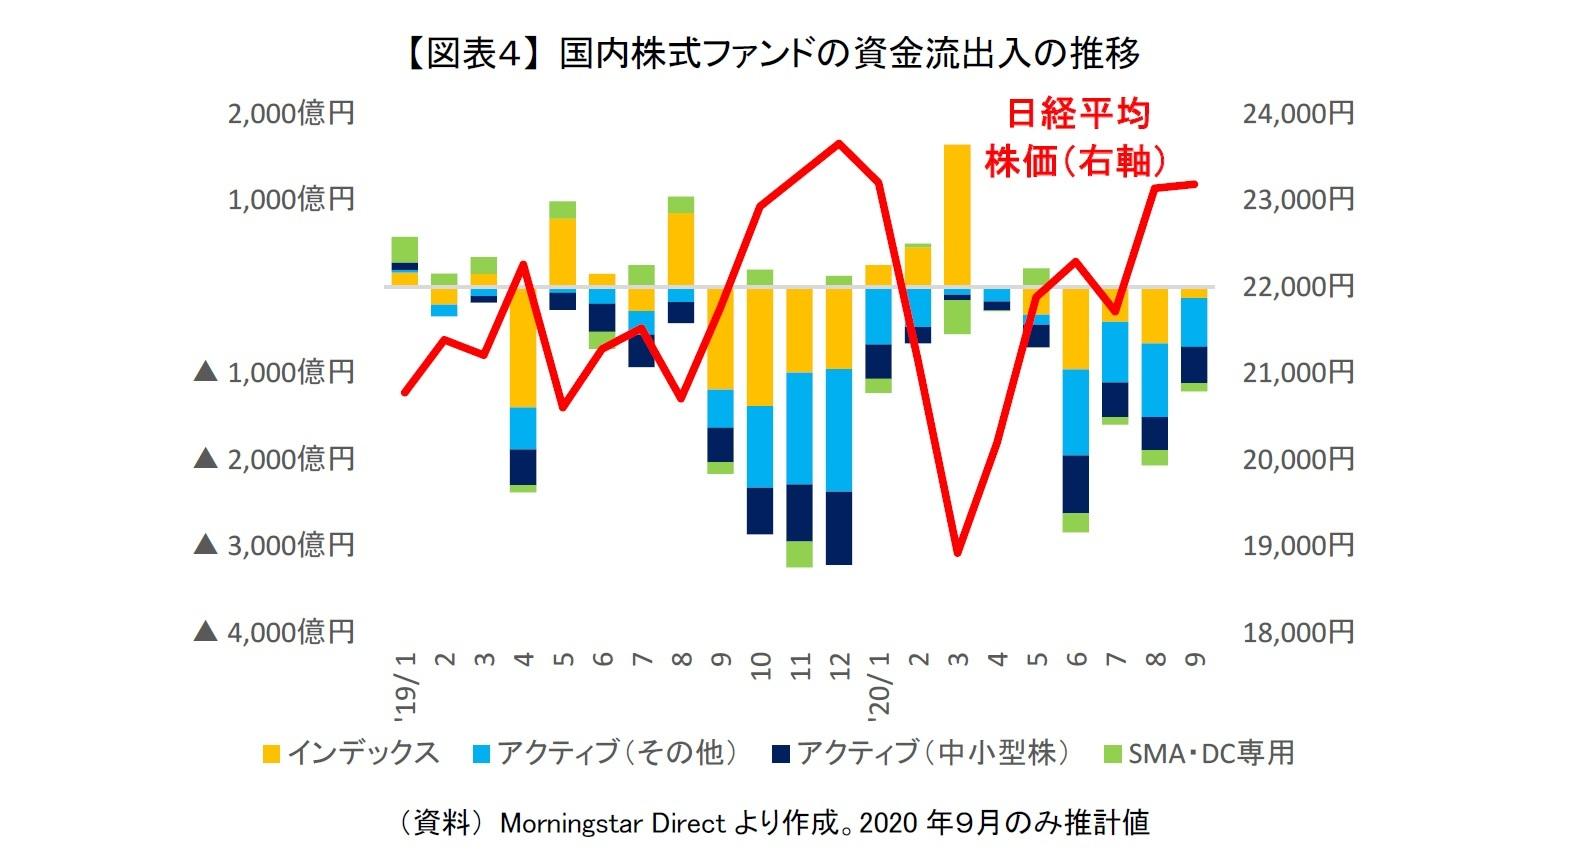 【図表4】 国内株式ファンドの資金流出入の推移